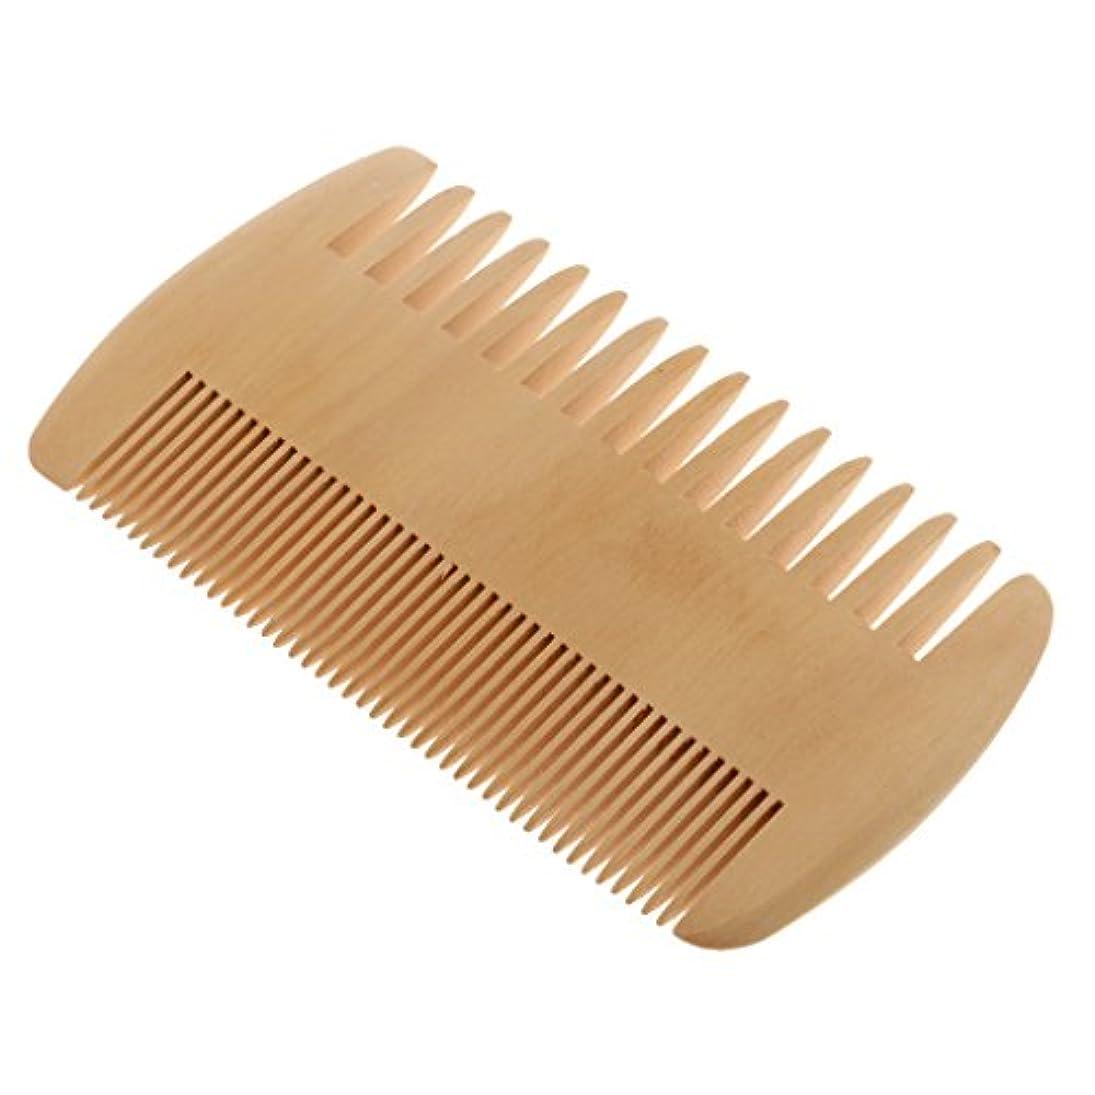 スプーン自明縮れたCUTICATE 木製コーム 木製櫛 ヘアブラシ 帯電防止櫛 ポケットコーム ヘアスタイリング 用品